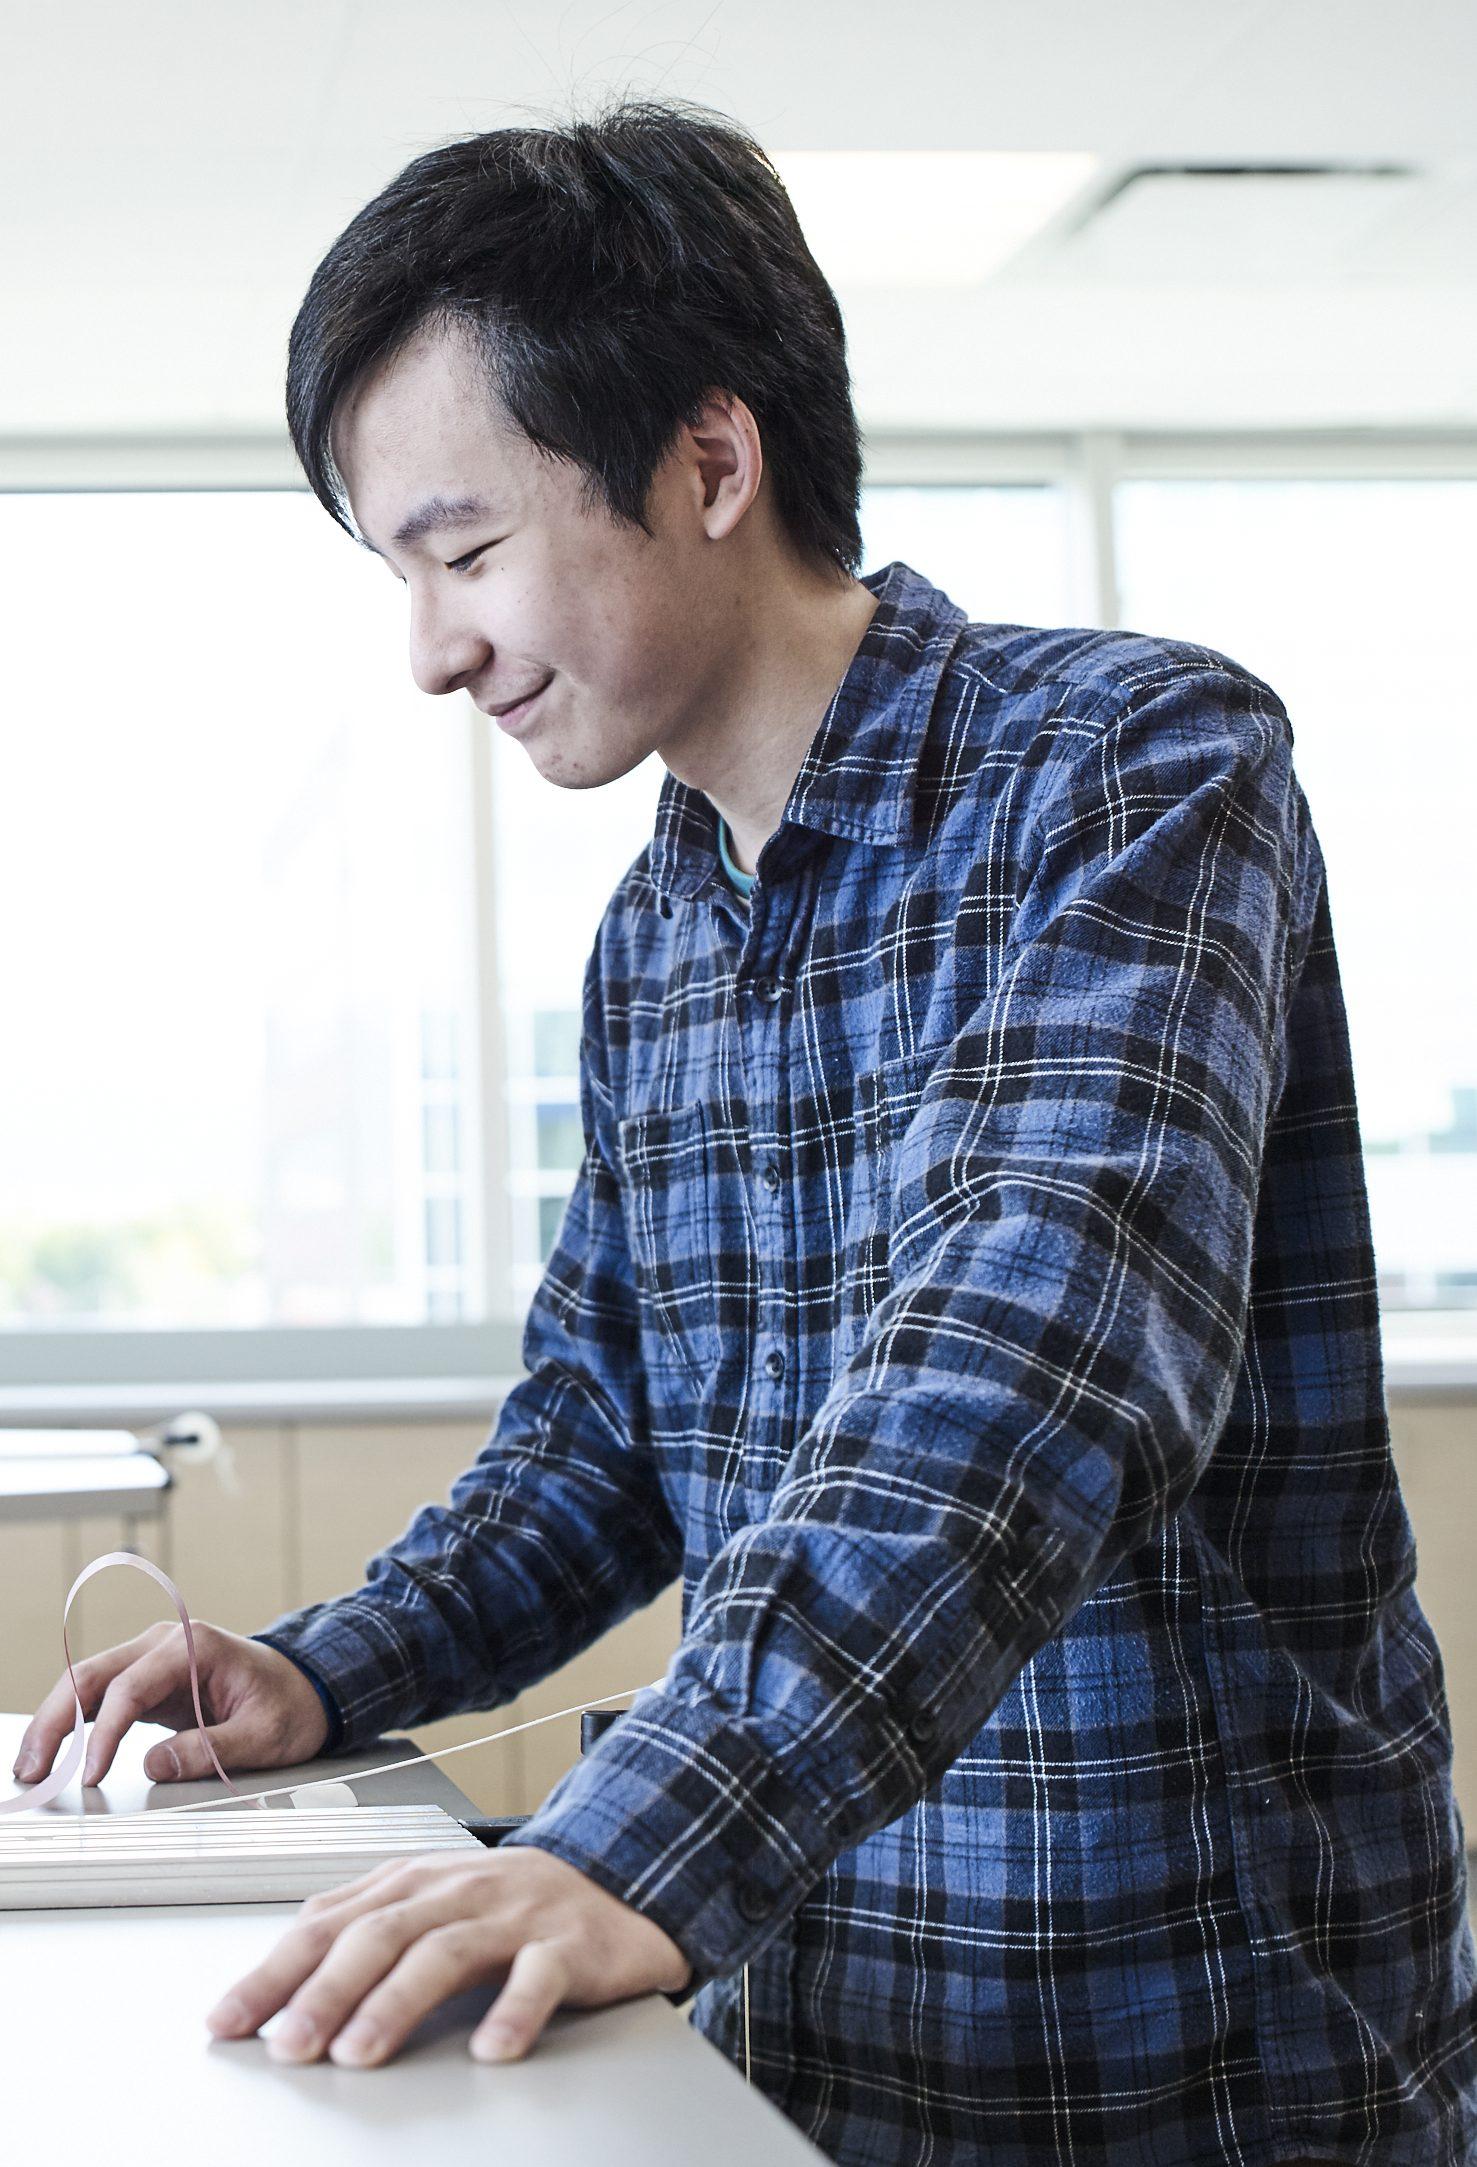 Navin Hei Ching Cheng